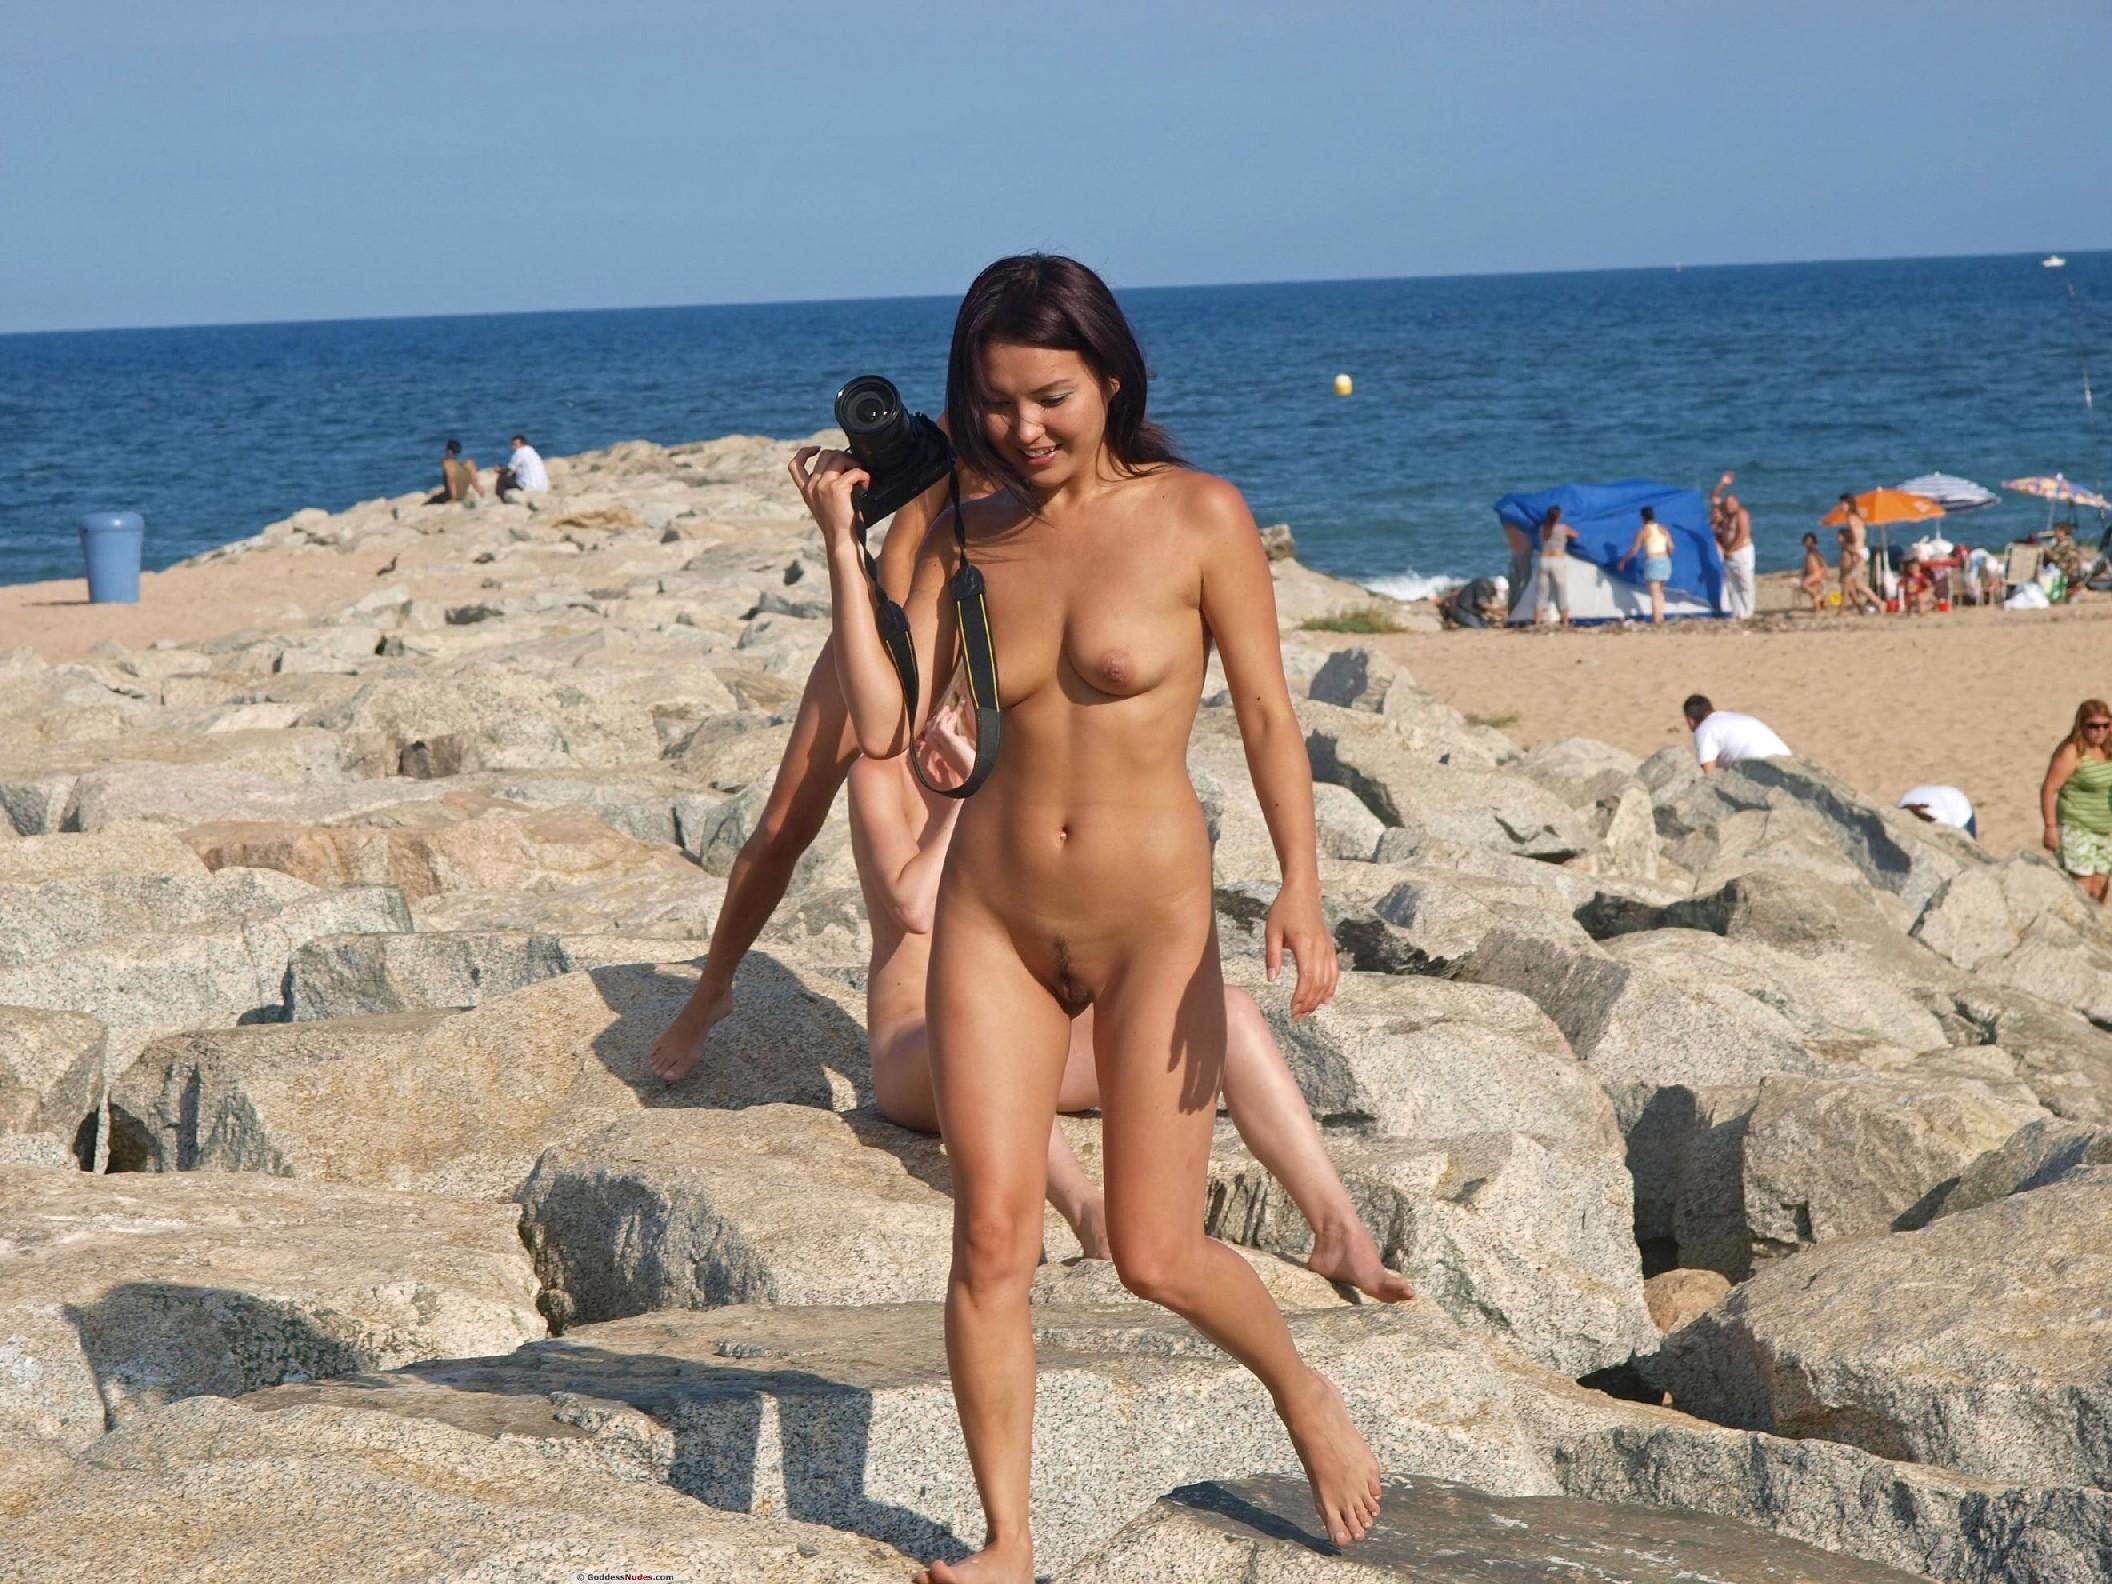 Голые на пляже играют в волейбол, тетя голая русское видео